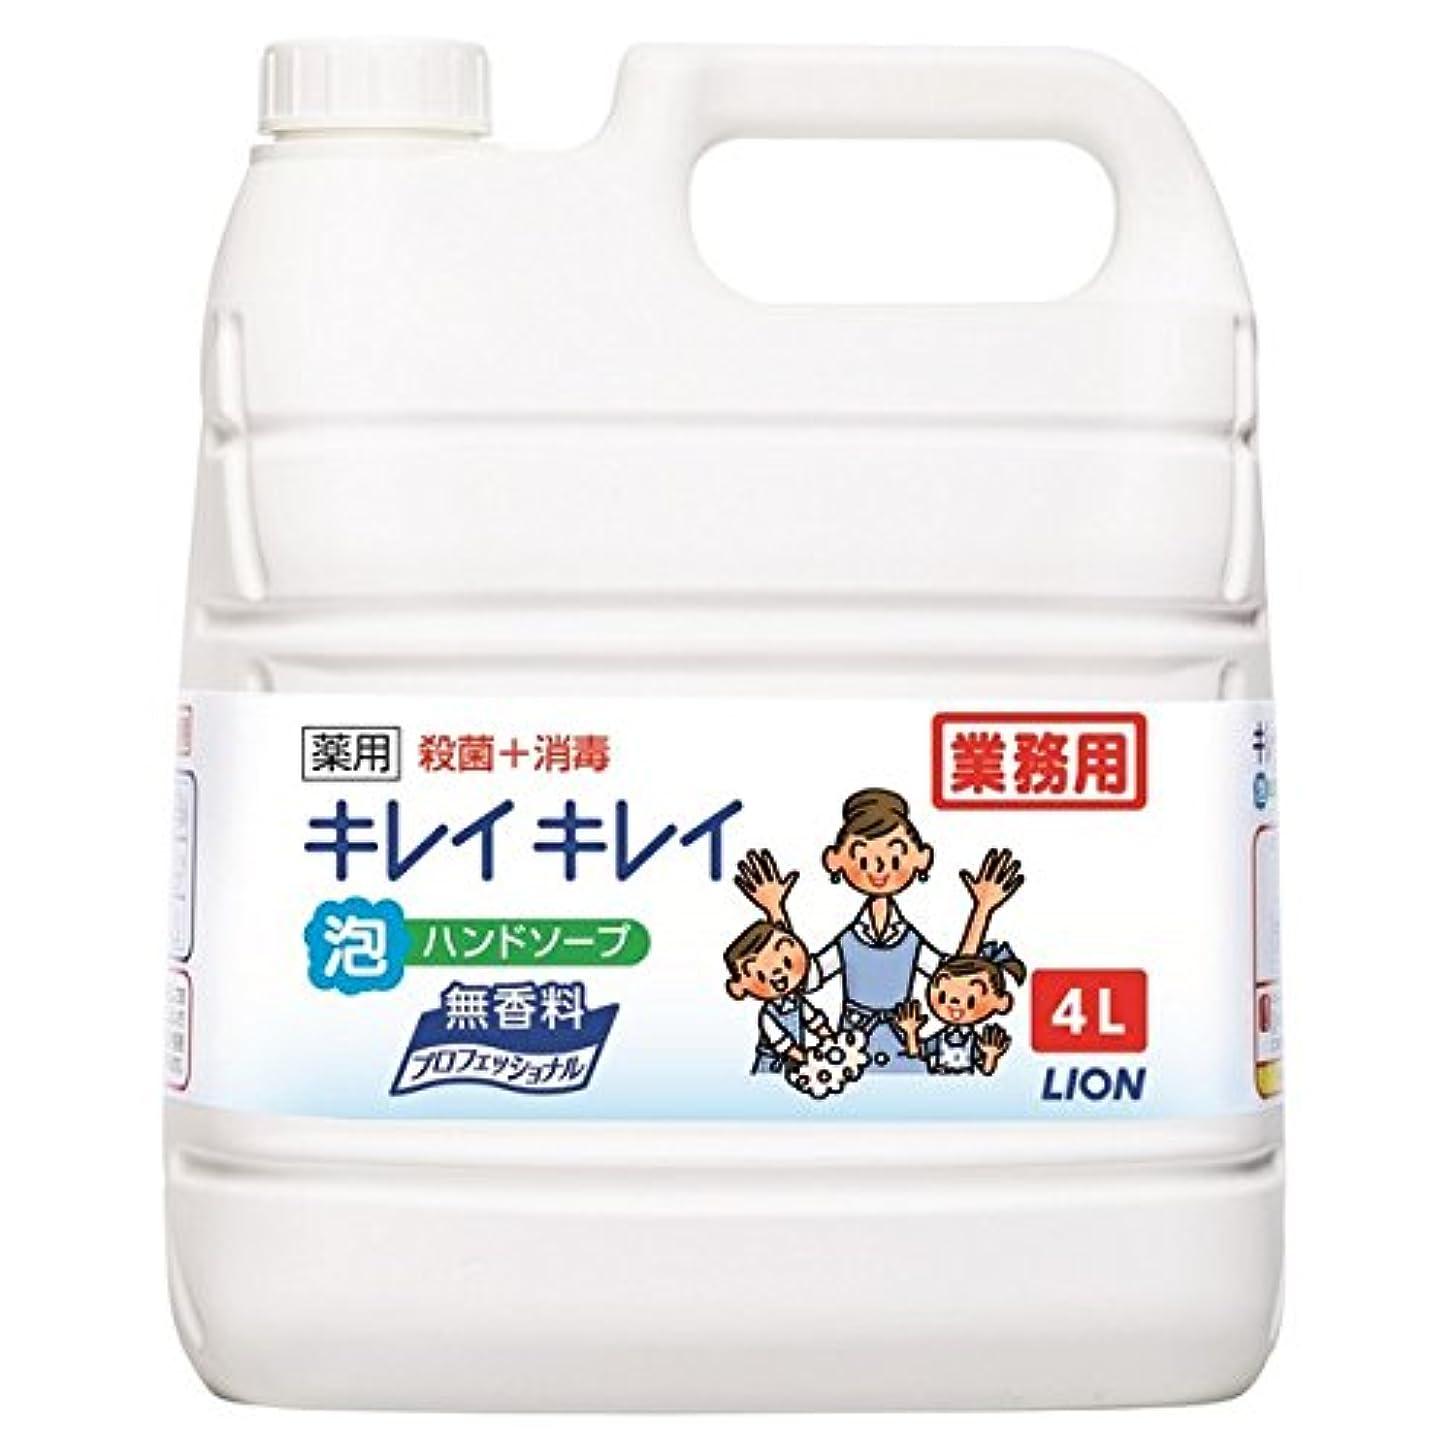 ハウスアッパー優勢ライオン キレイキレイ薬用泡ハンドソープ 無香料 4L×3本入